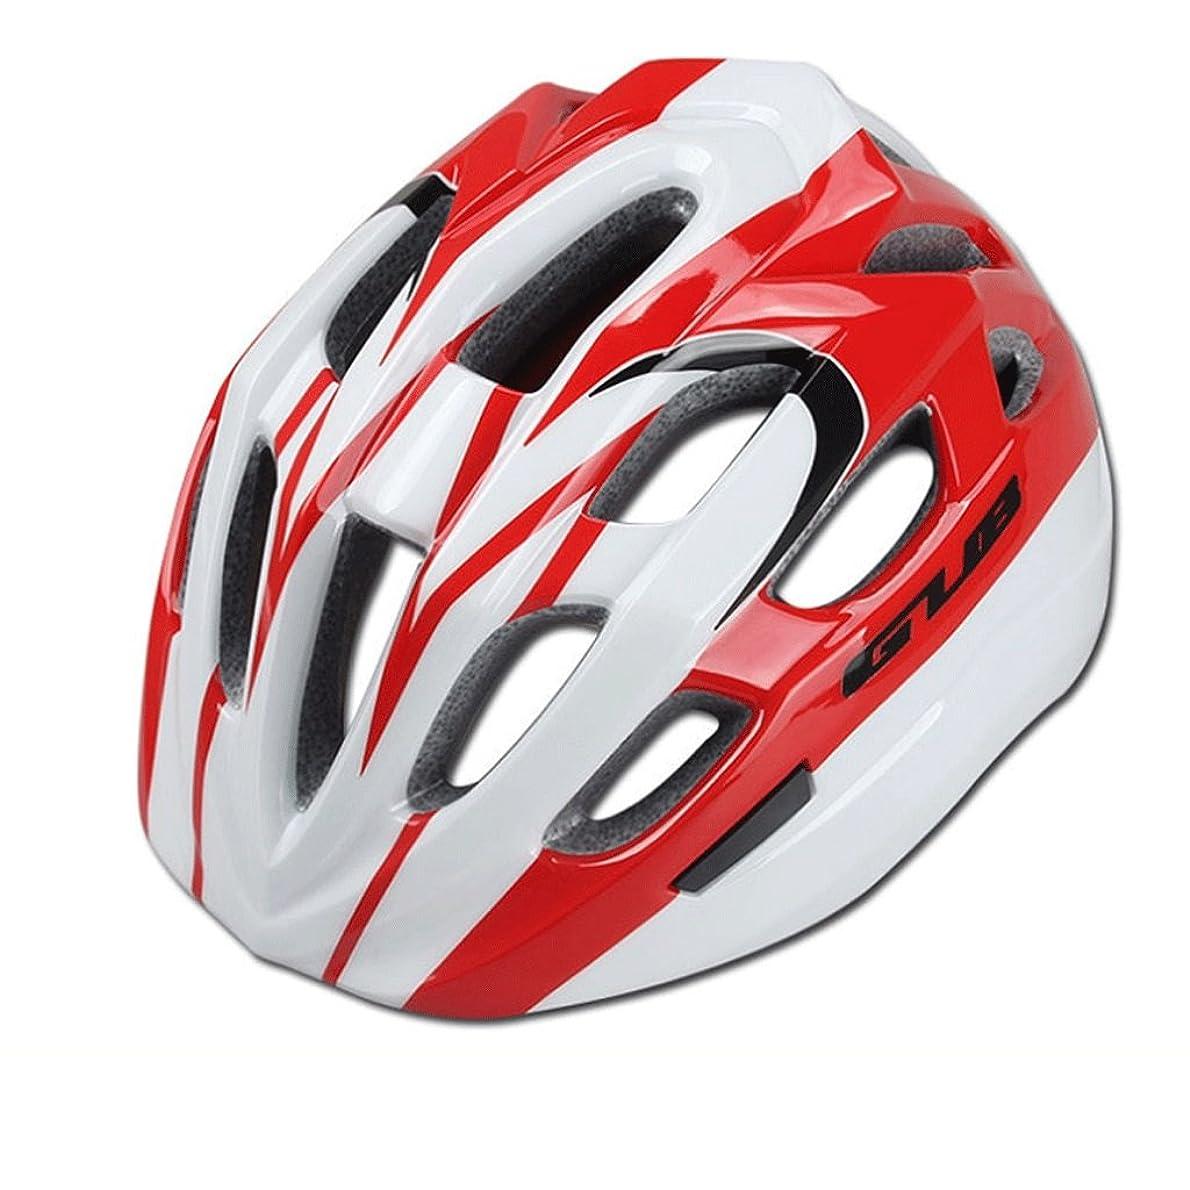 半球雪の二週間ヘルメットの色の乗り物の子供のヘルメット軽量通気性の折り畳み式のマウンテンワンピース自転車日の保護装置(頭周囲53-58CM) (色 : 白)